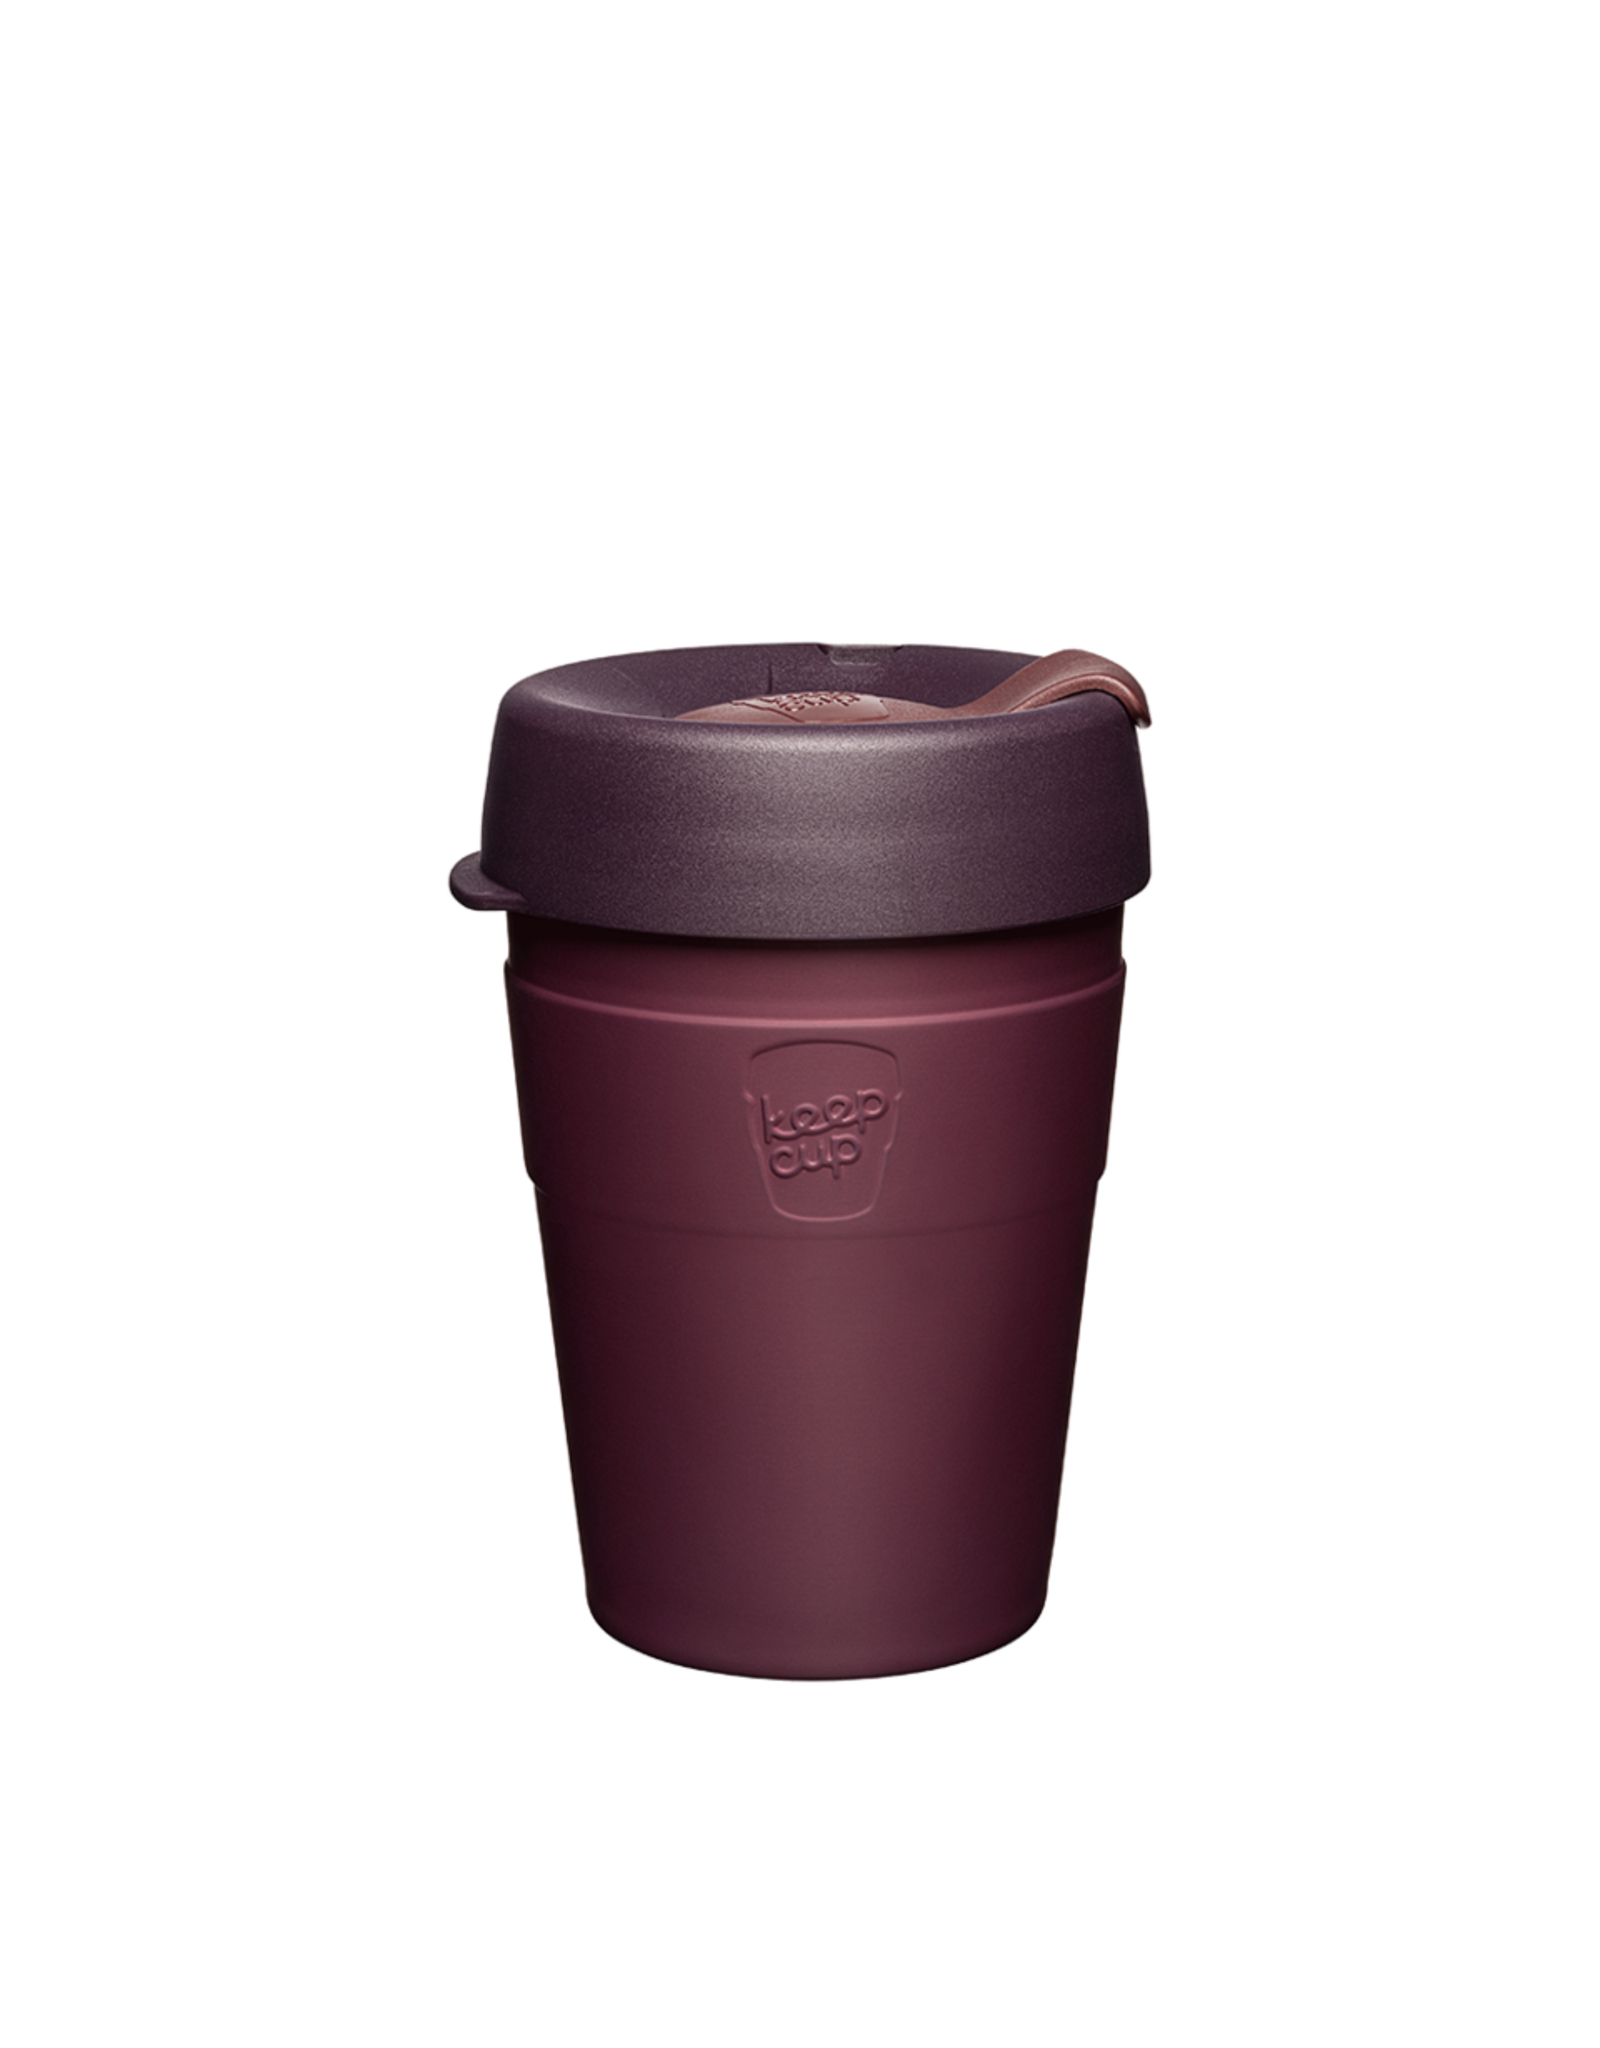 KeepCup KeepCup Thermal Case Travel Mug 12oz (stainless steel)